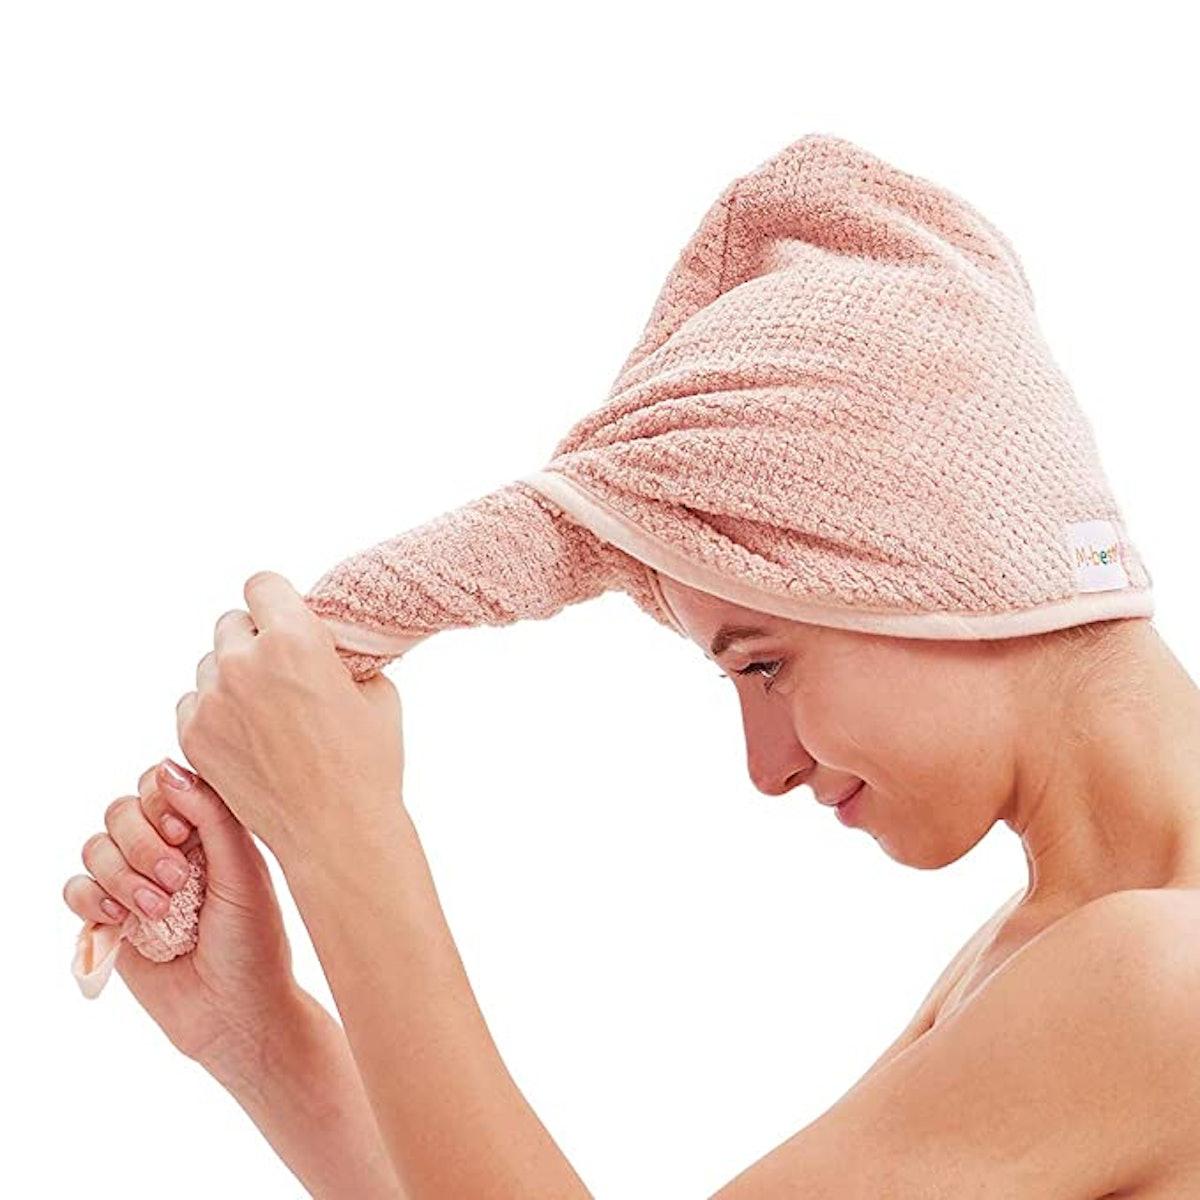 M-bestl Hair Towel Wrap (2-Pack)